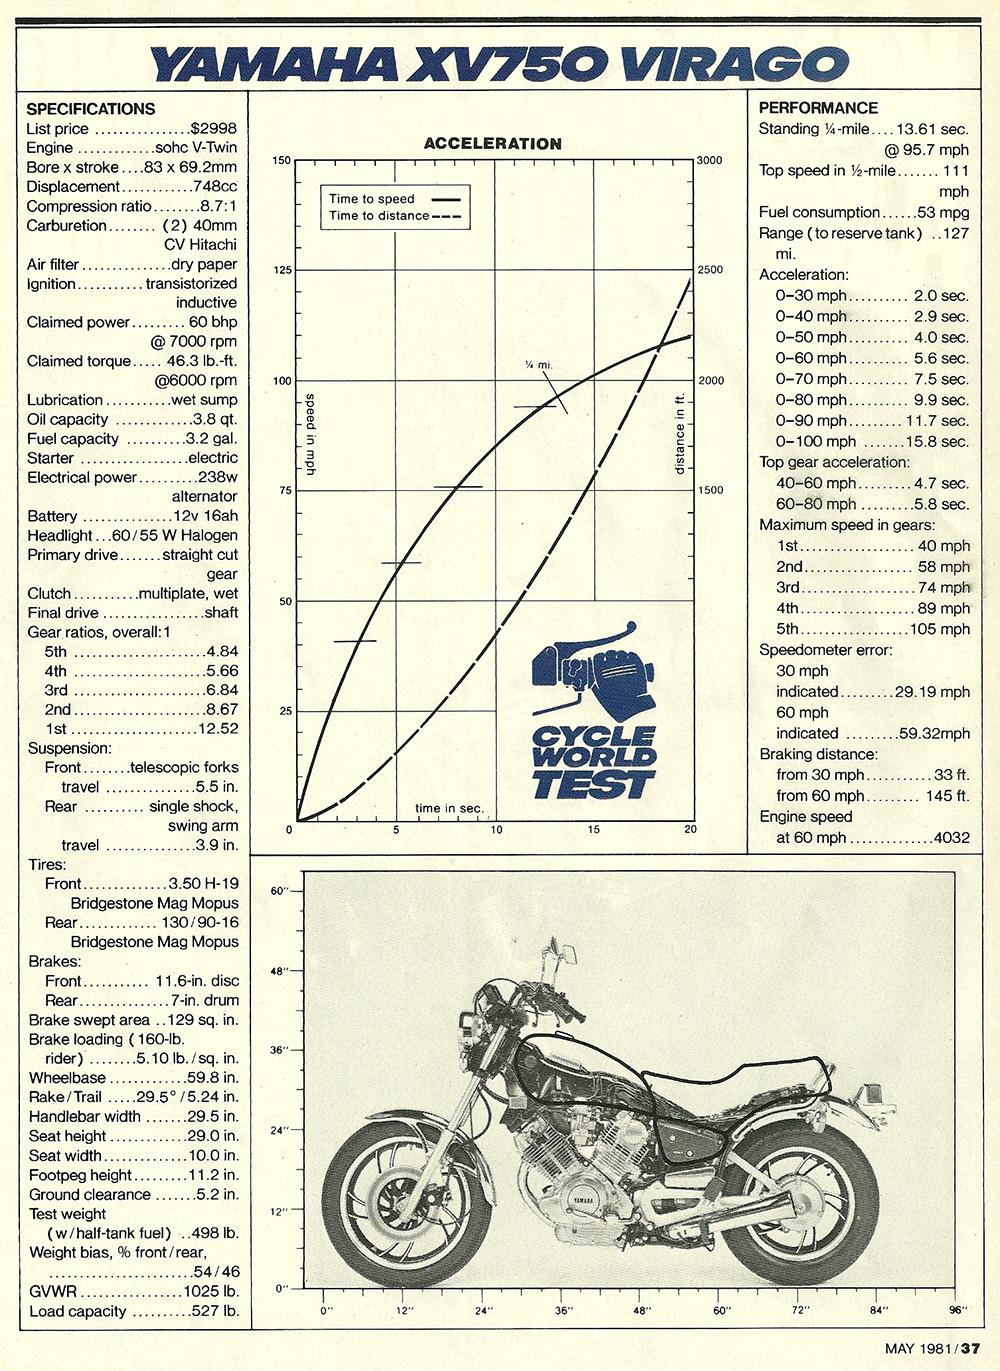 1981 Yamaha XV750 Virago road test 10.jpg